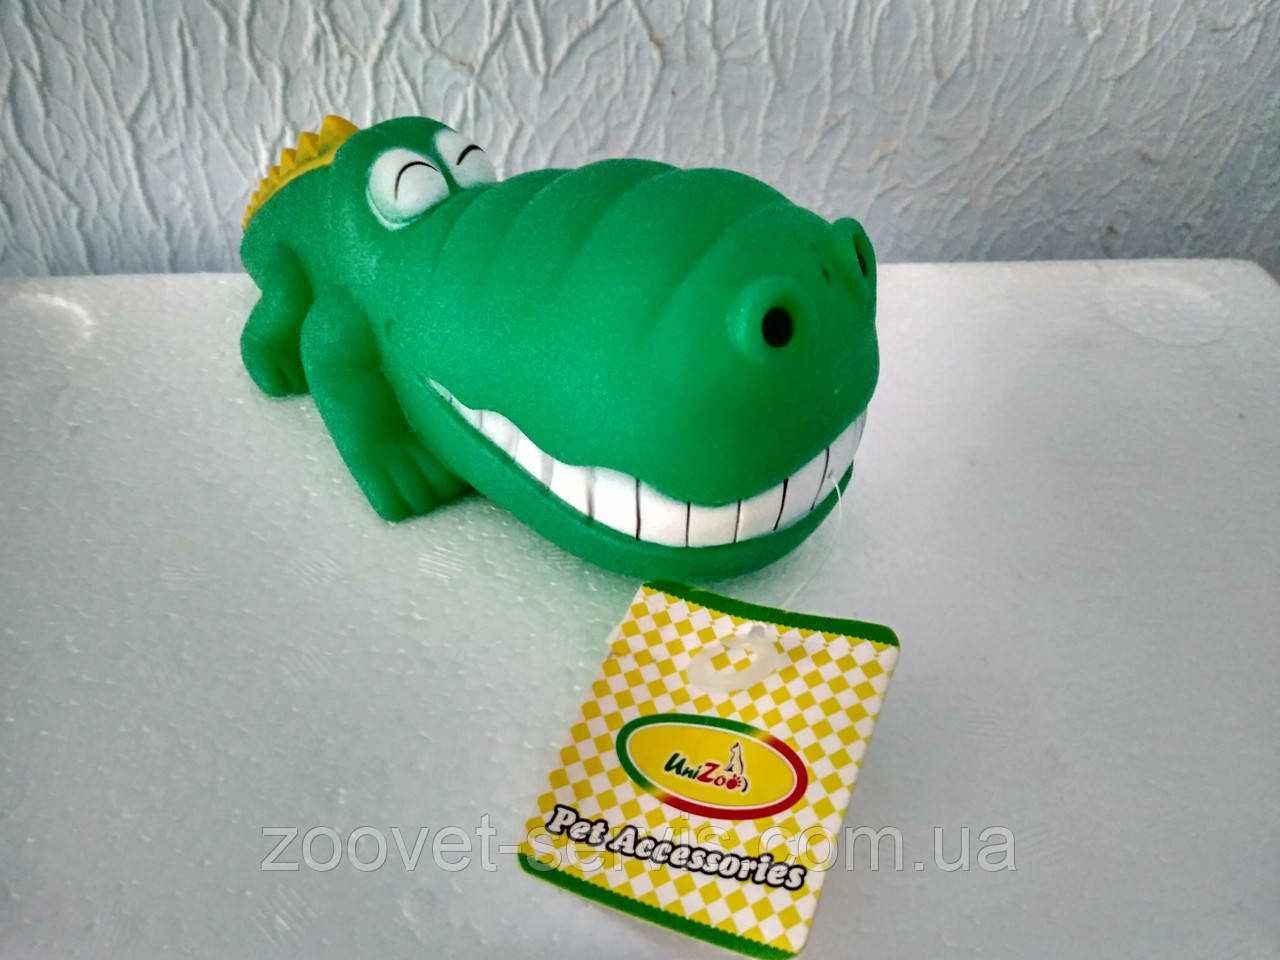 Игрушка крокодил смеющийся виниловый для собак, с пищалкой, 17x9 см